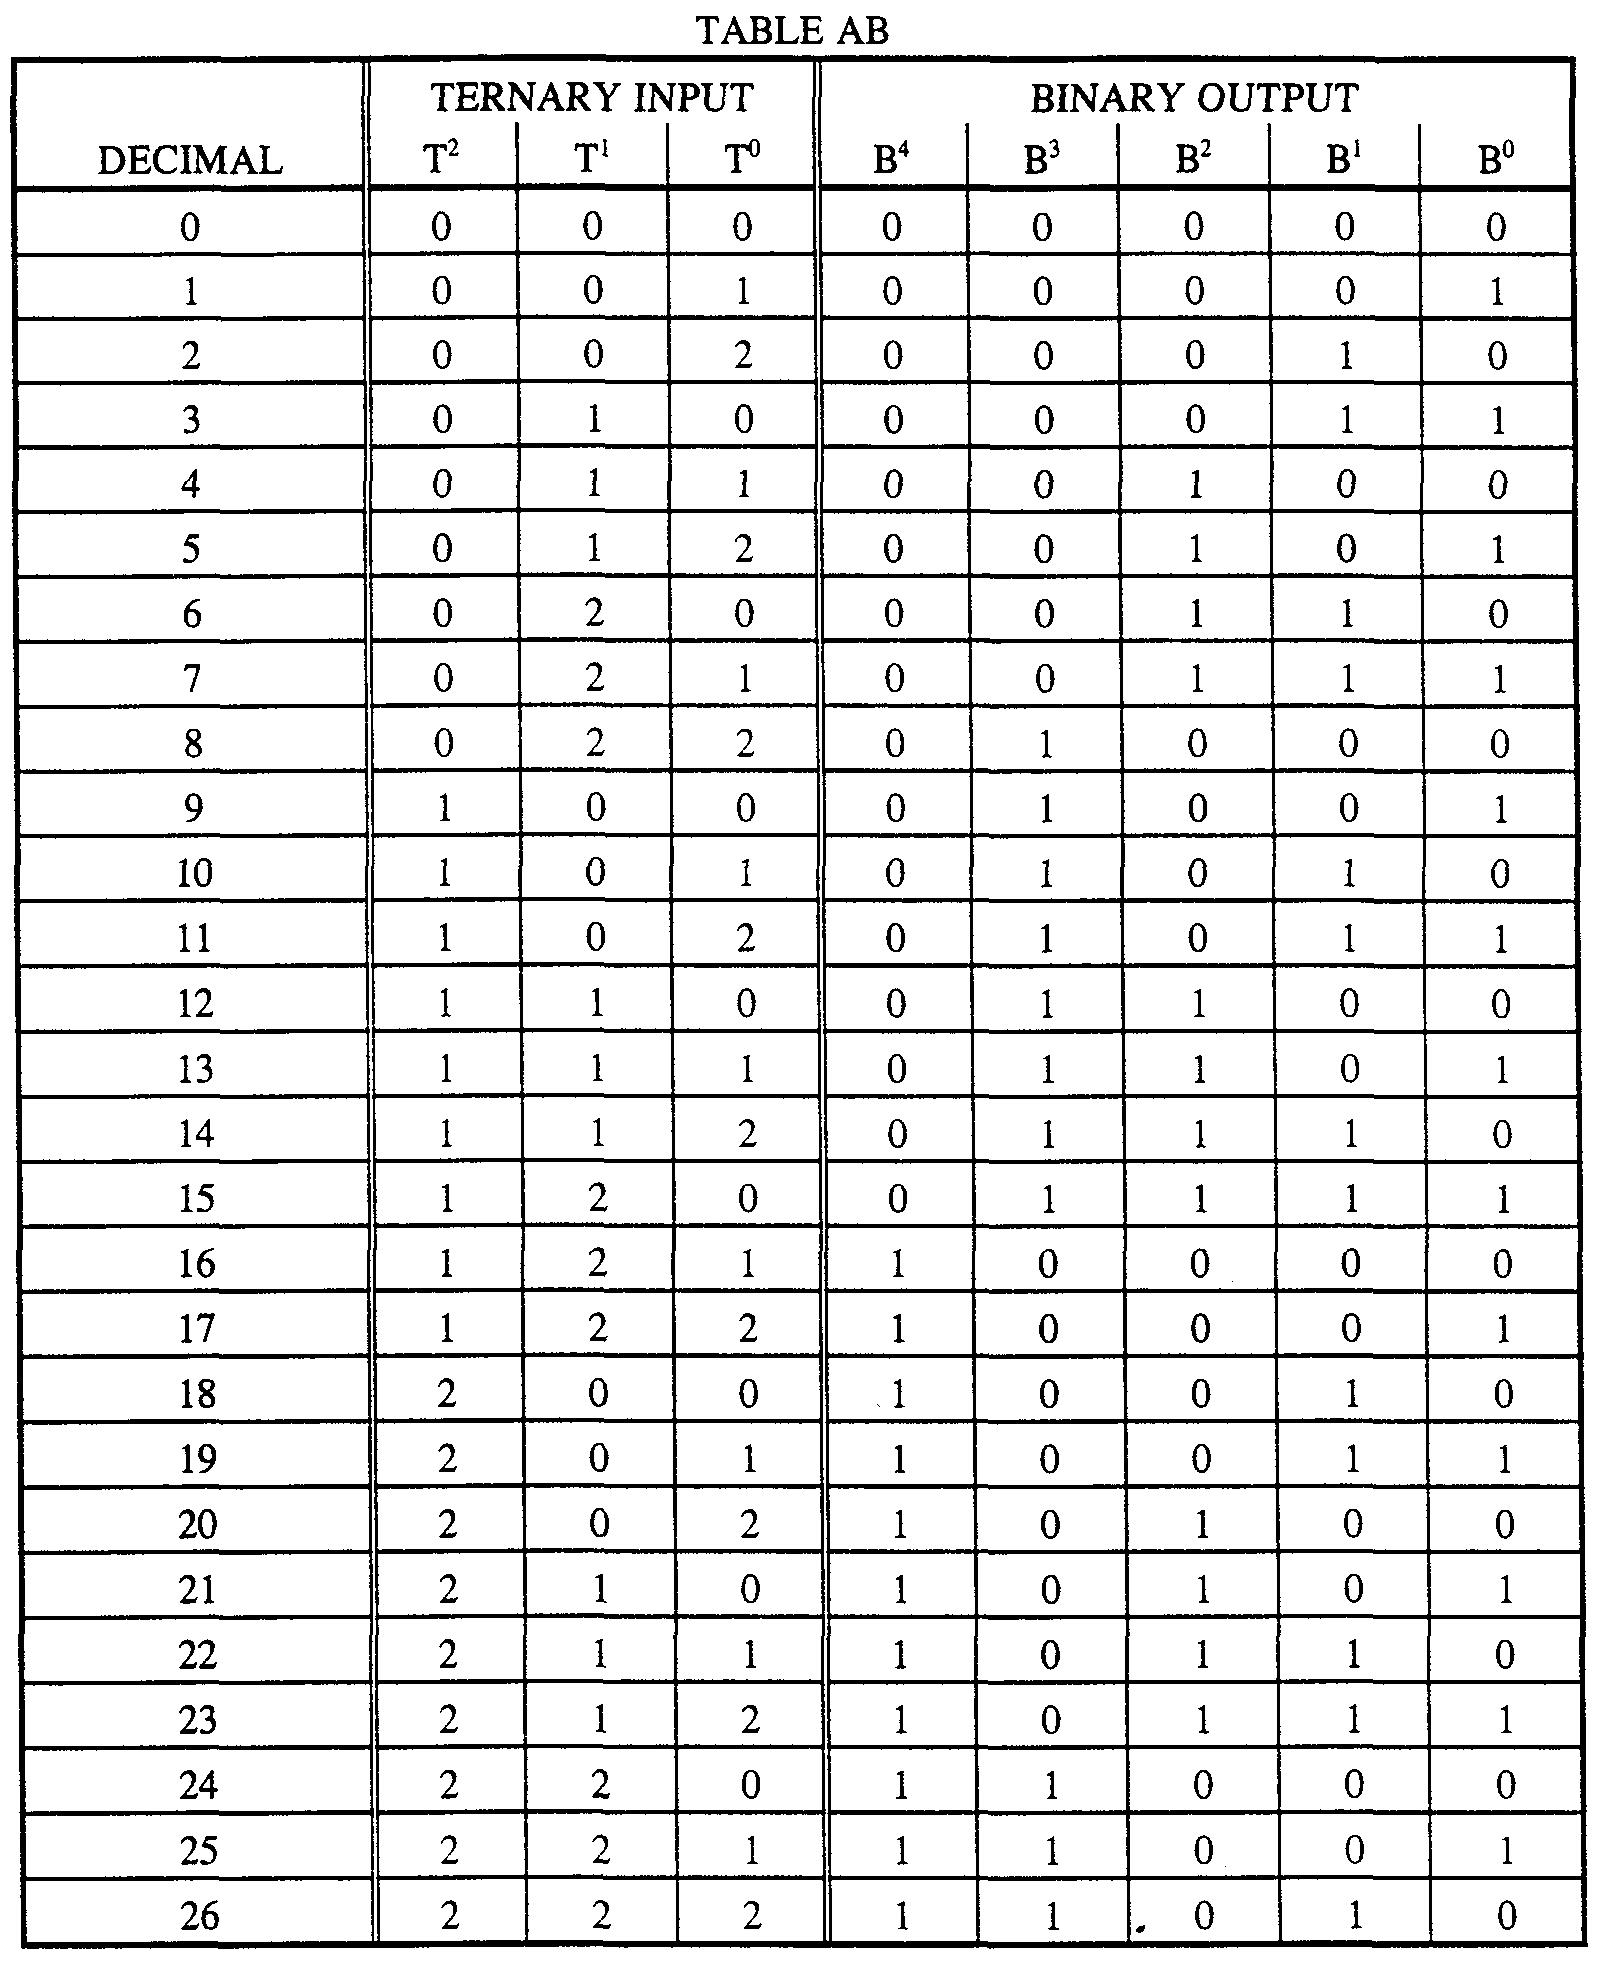 wo1999063669a1